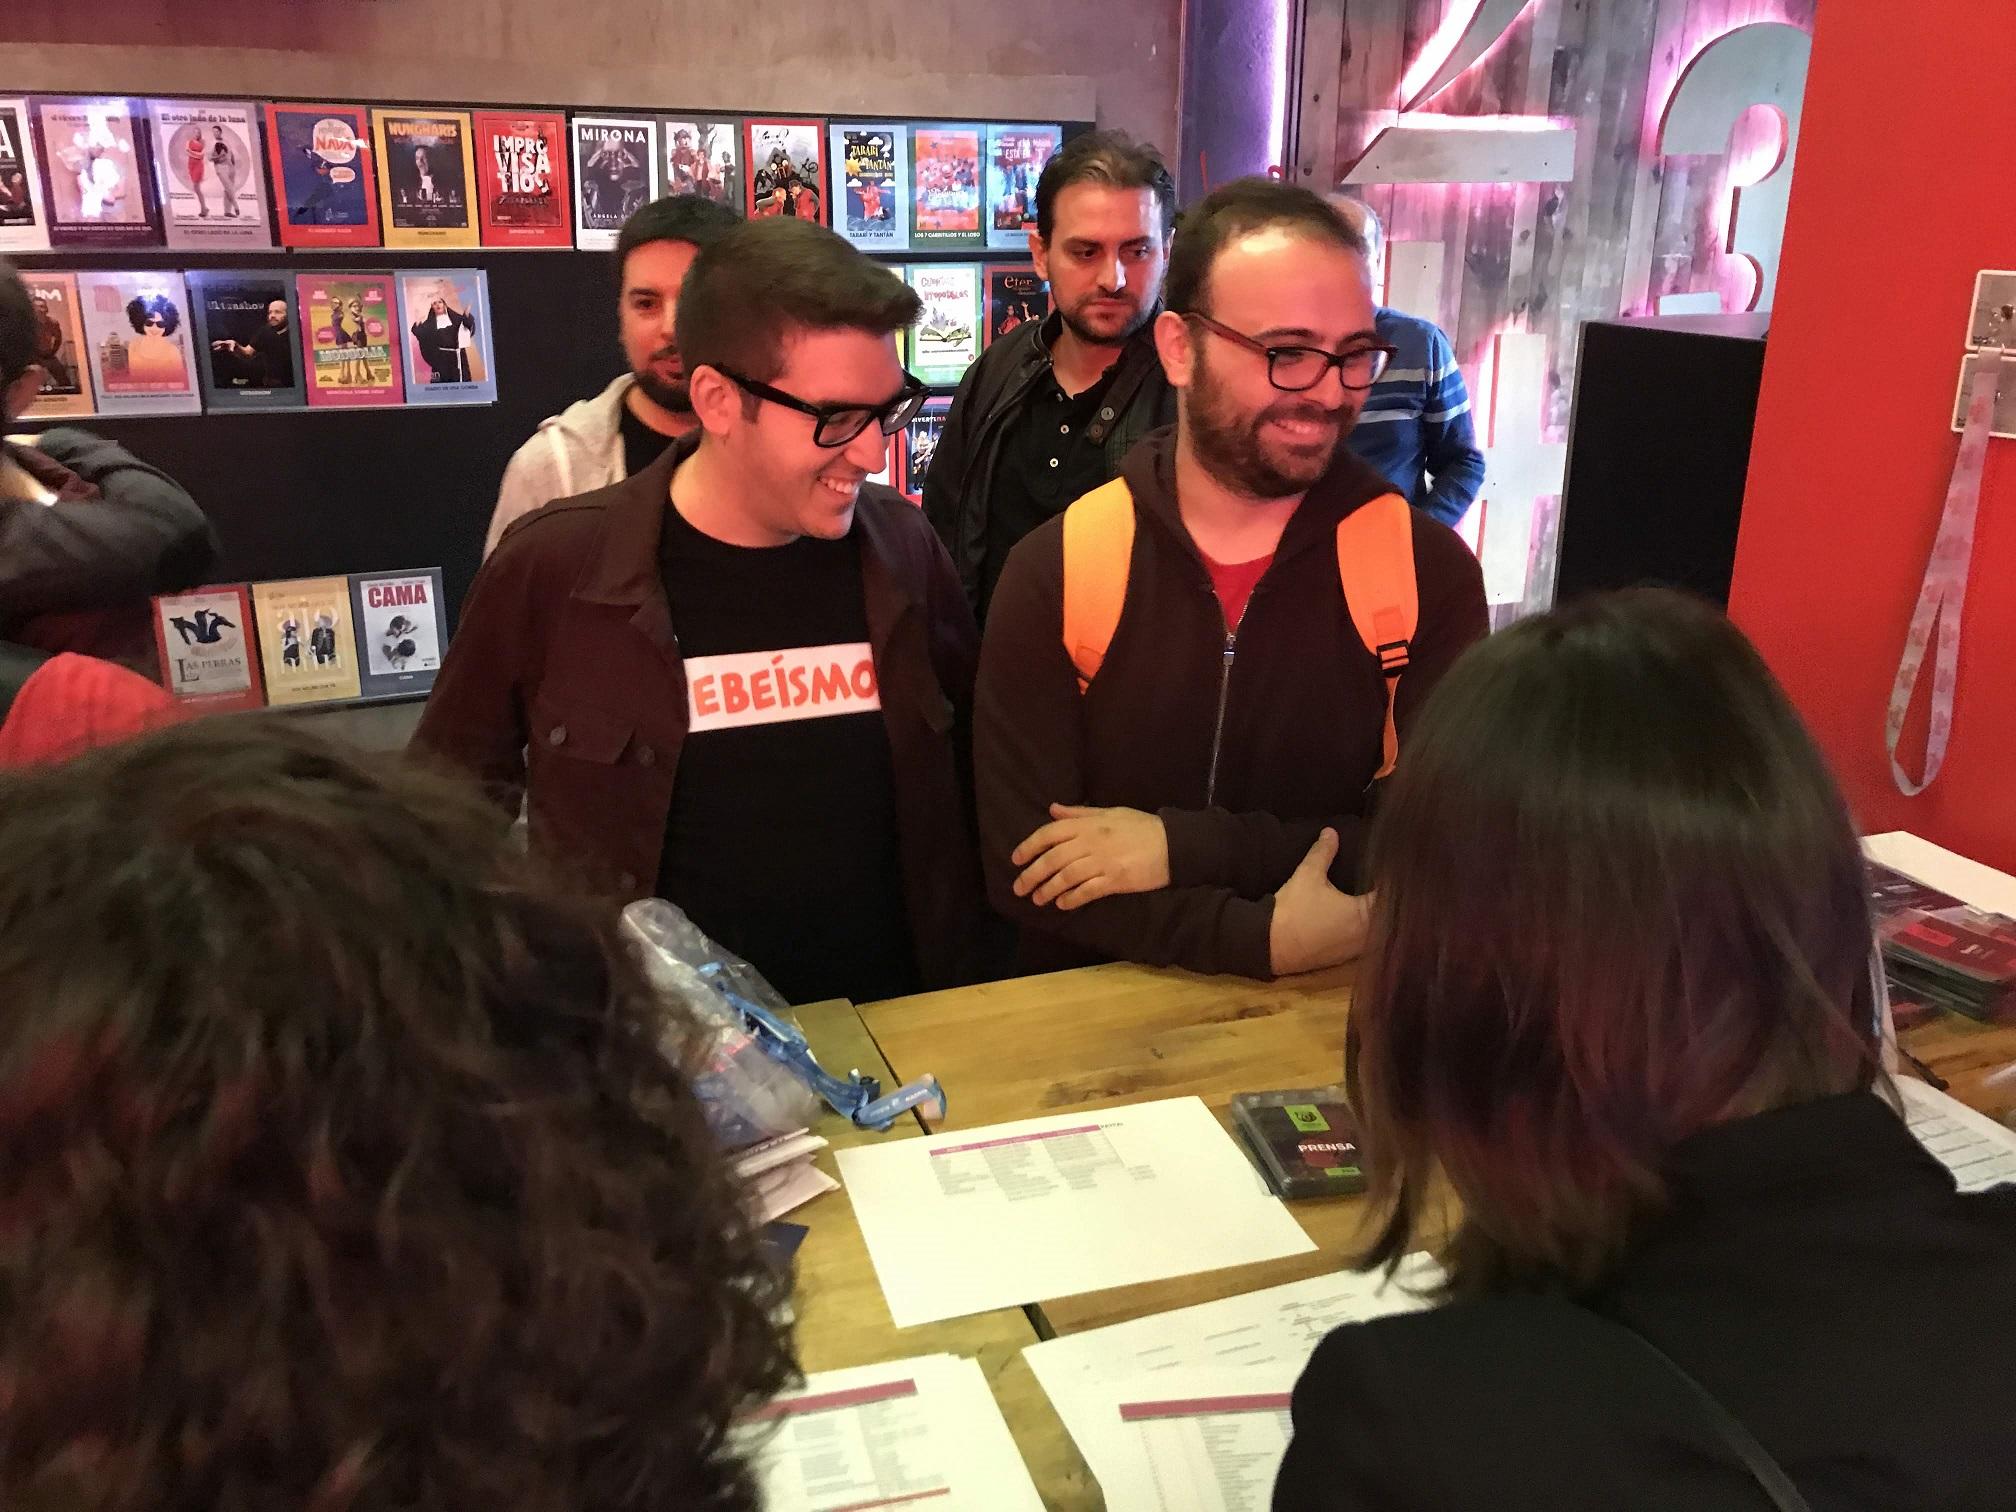 Foto: Alfonso Buenavista - Unos de los primeros asistentes en el checking del evento.